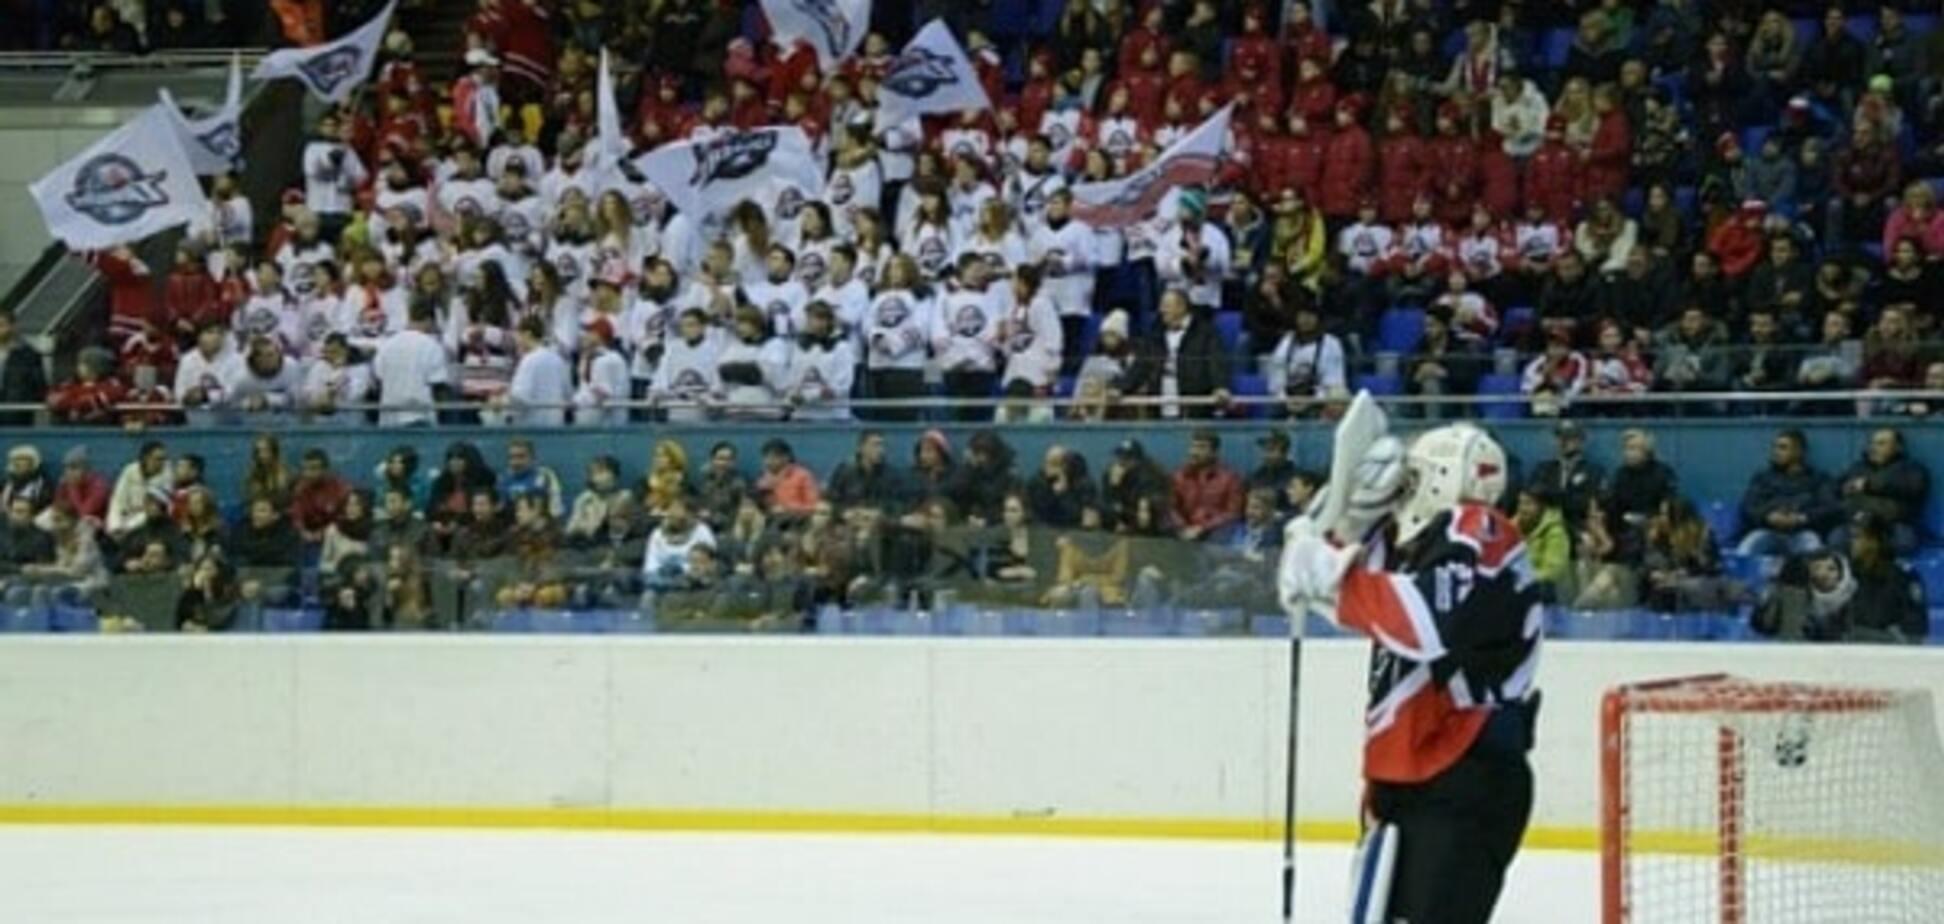 Дженералз - ХК Донбасс: анонс матча чемпионата Украины